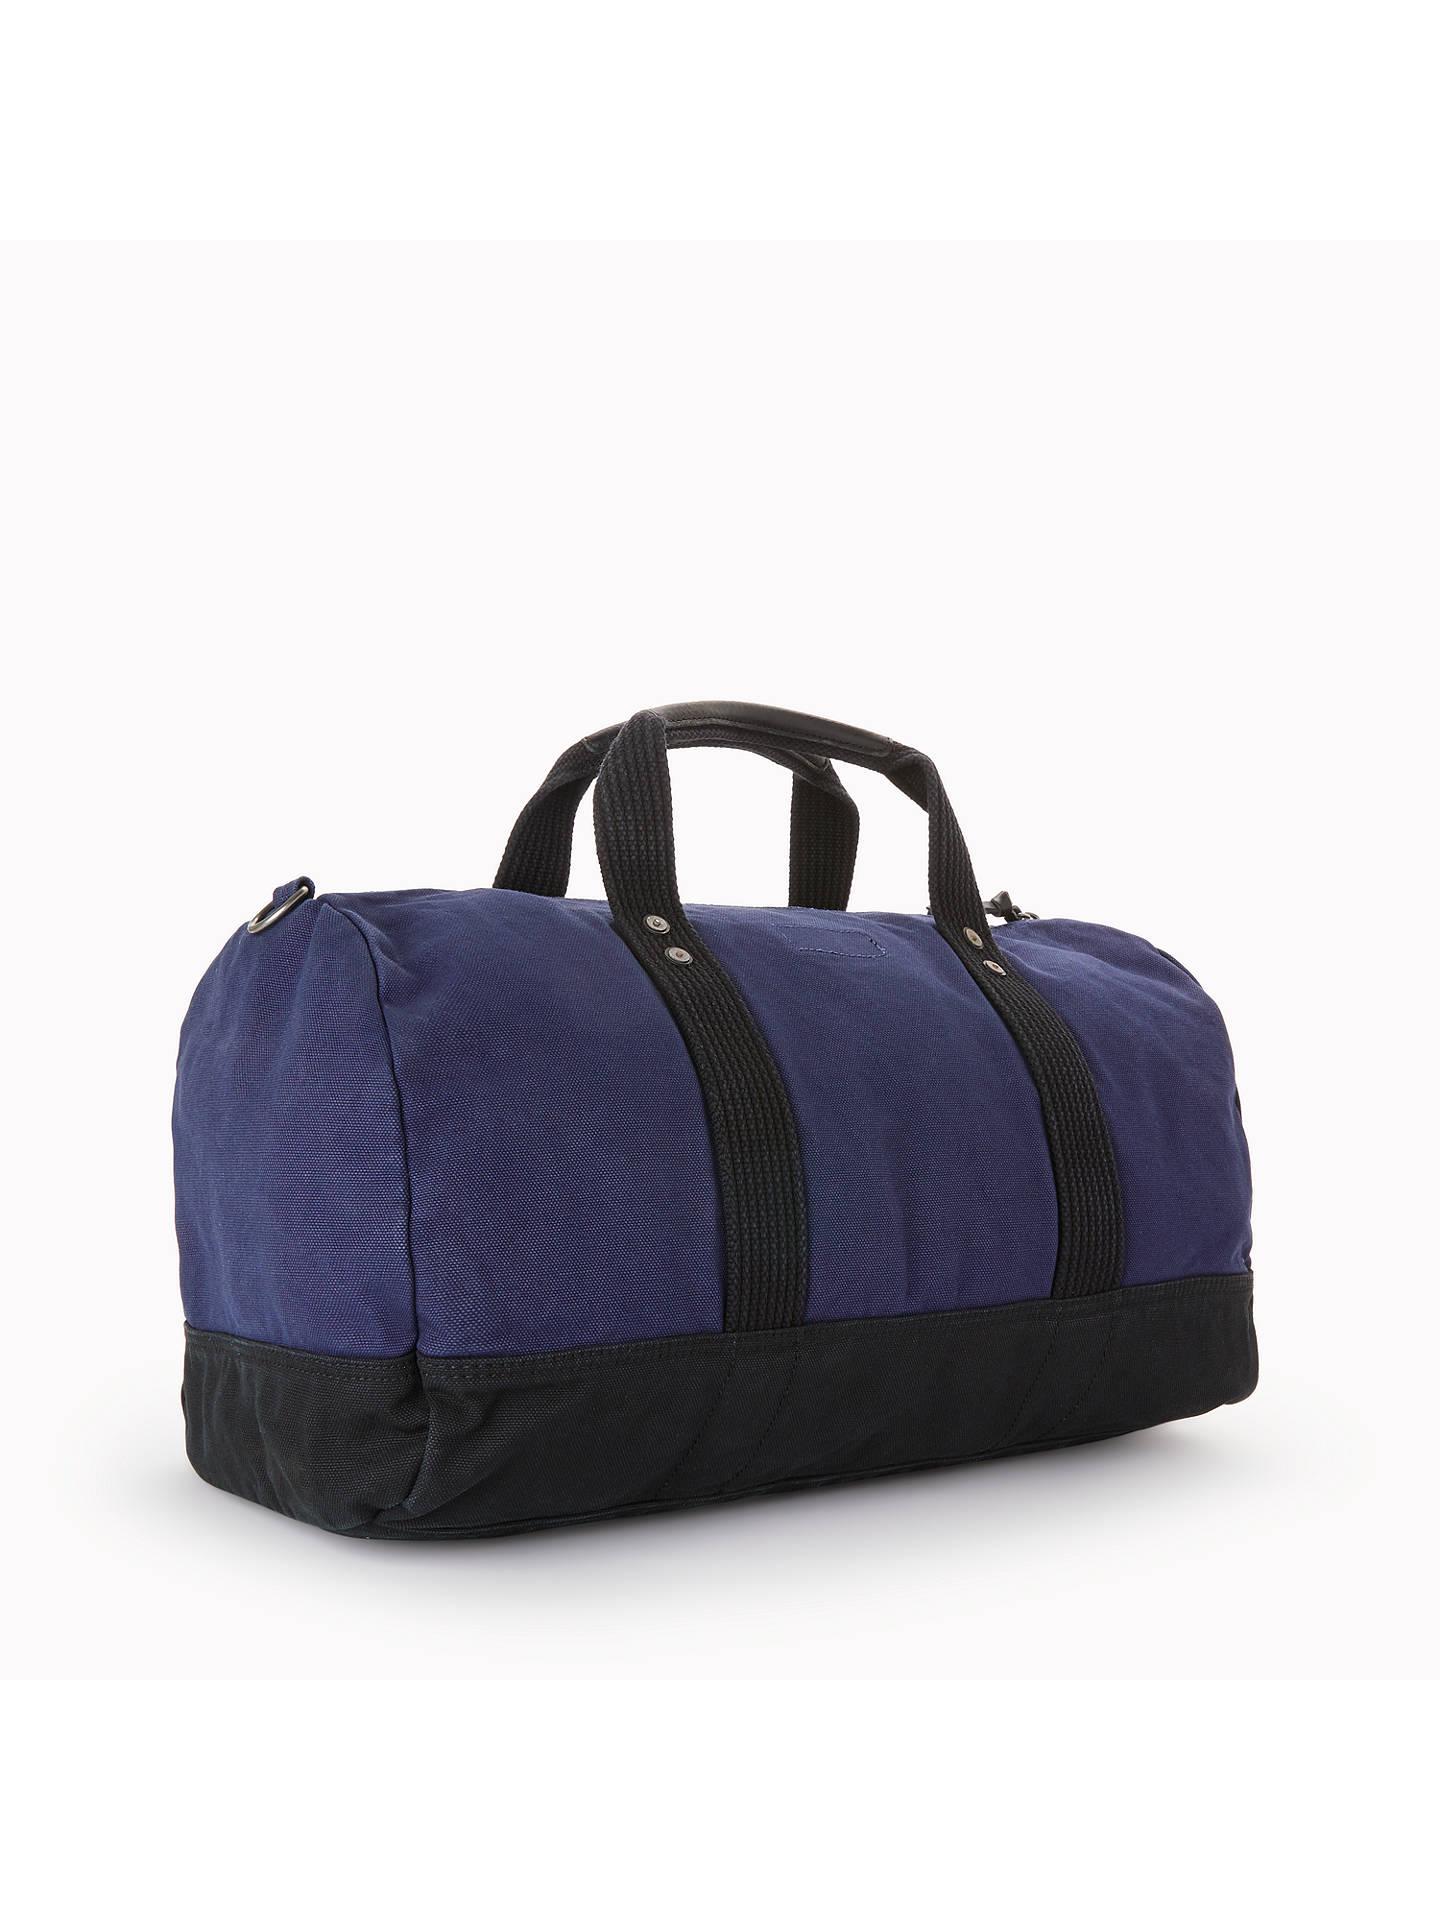 597c63a87360 ... BuyPolo Ralph Lauren Canvas Big Pony Duffle Bag